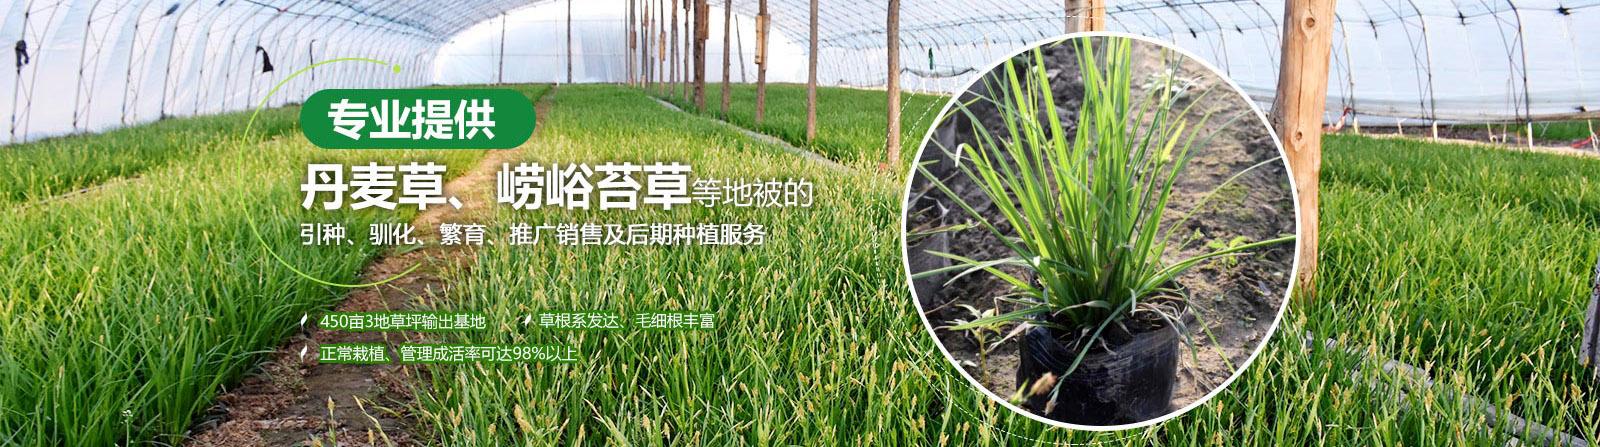 提供崂峪苔草,青绿苔草等地被服务